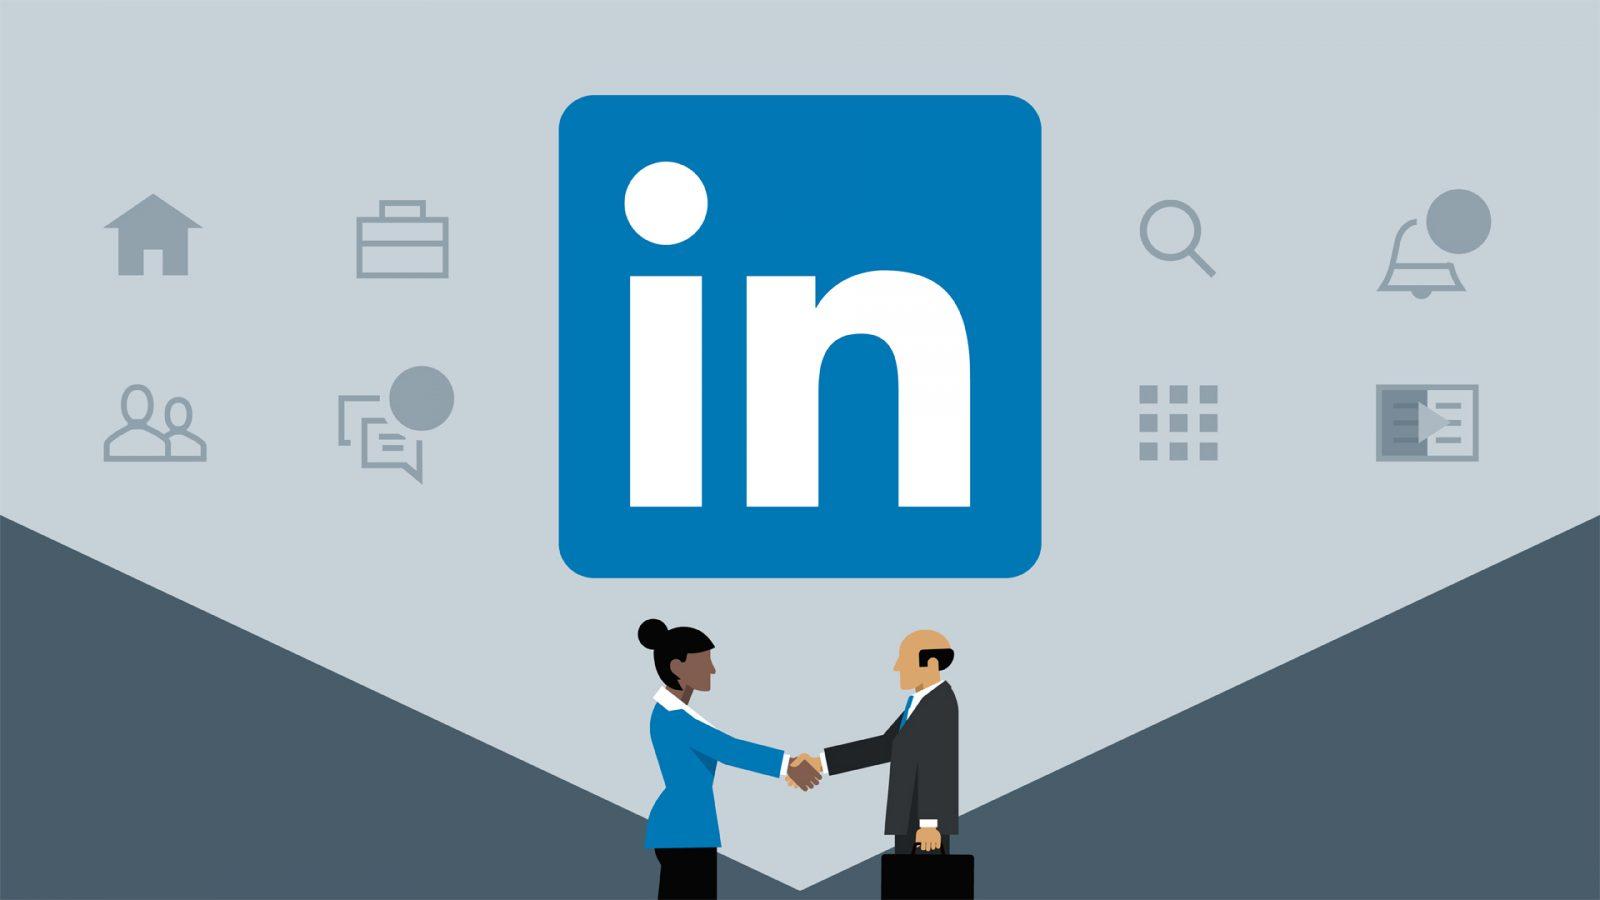 aggiungere contatti linkedin automaticamente - Linkedin il Social Network per i professionisti - Come aggiungere automaticamente i contatti di Linkedin